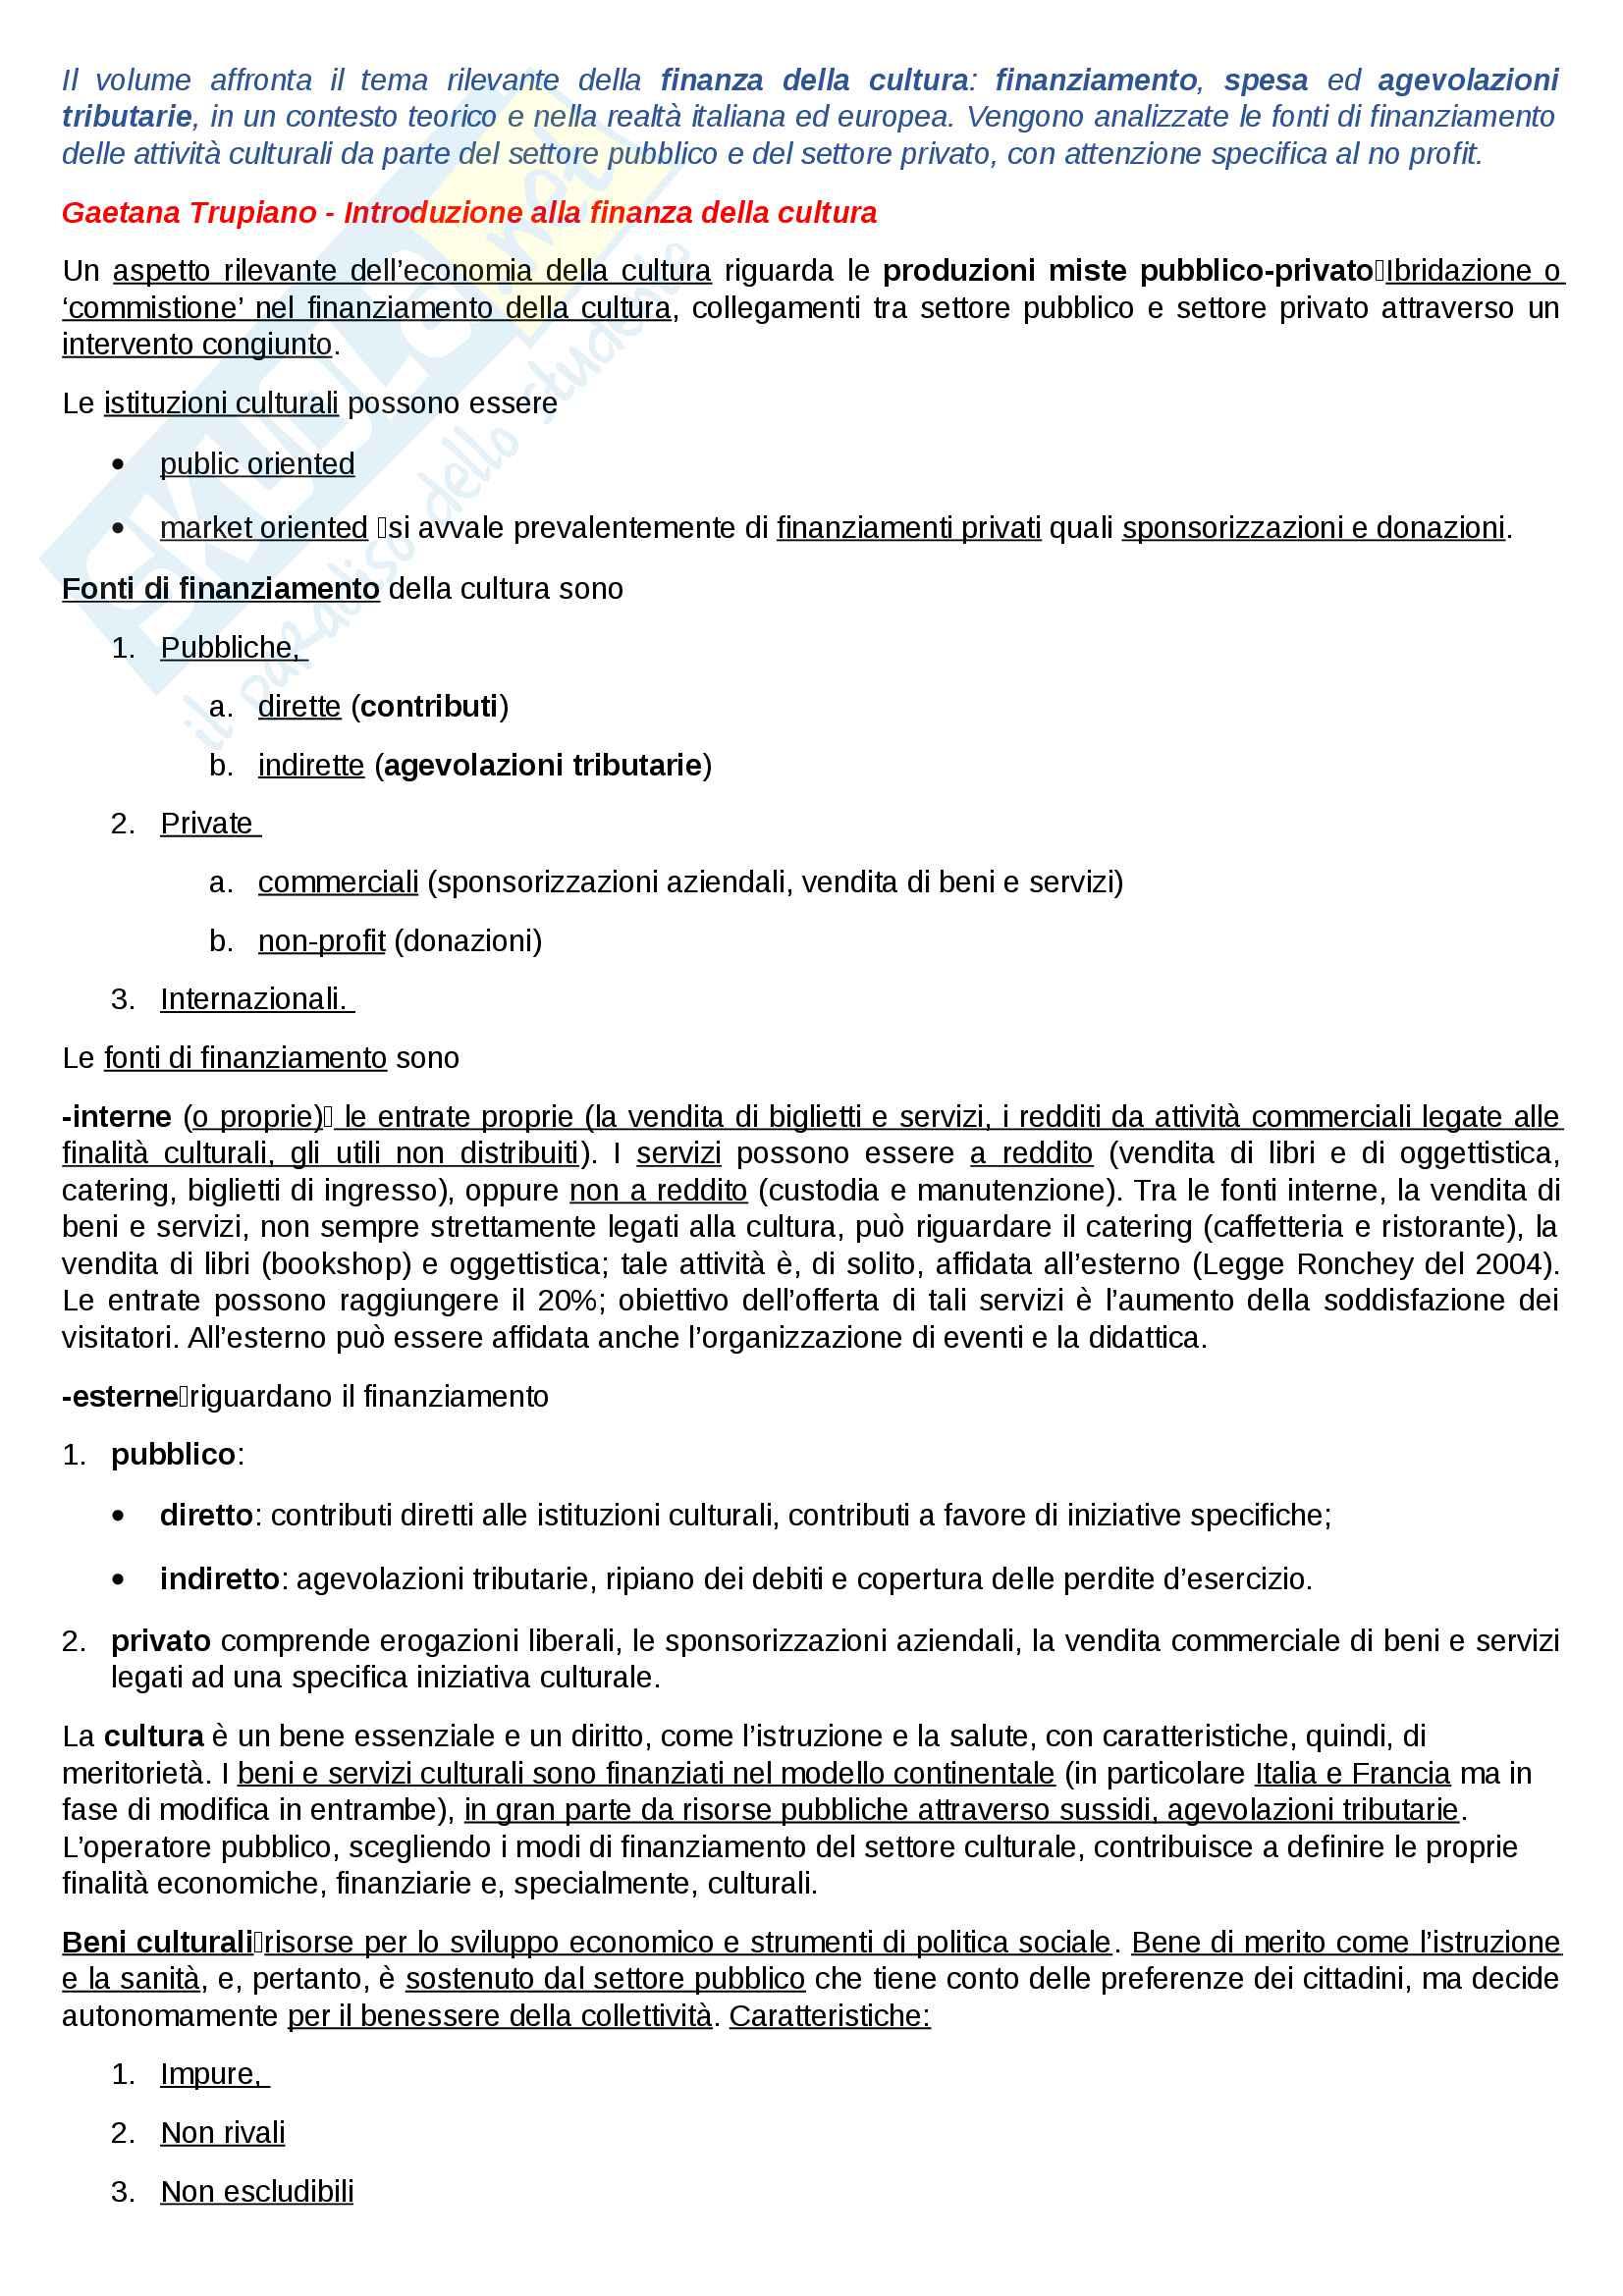 Riassunto esame Economia della cultura, docente Trupiano, libro consigliato La finanza della cultura, Trupiano